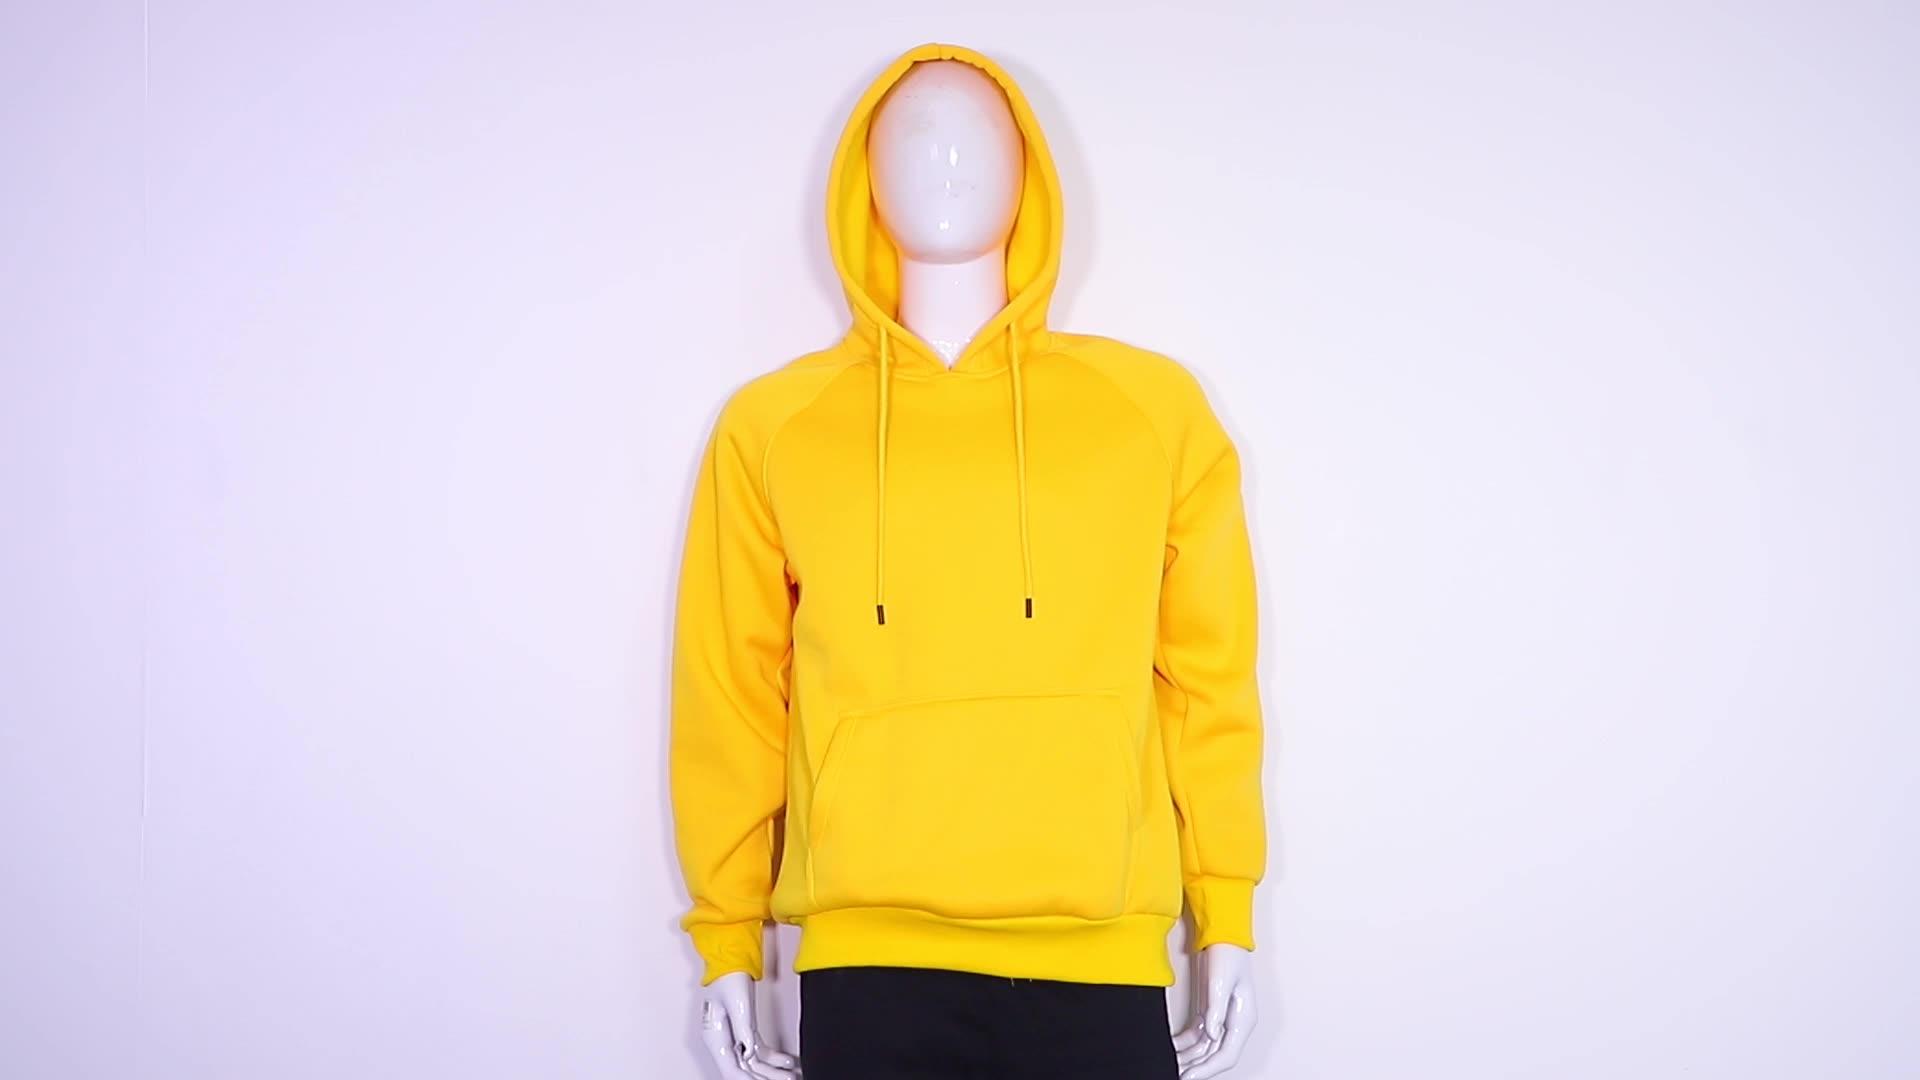 Custom Hoodie Men 100% Cotton Mens Crew Neck Sweatshirt,Blank Pullover Oversized Hoodie,Plain Xxxxl men's Hoodies Sweatshirt